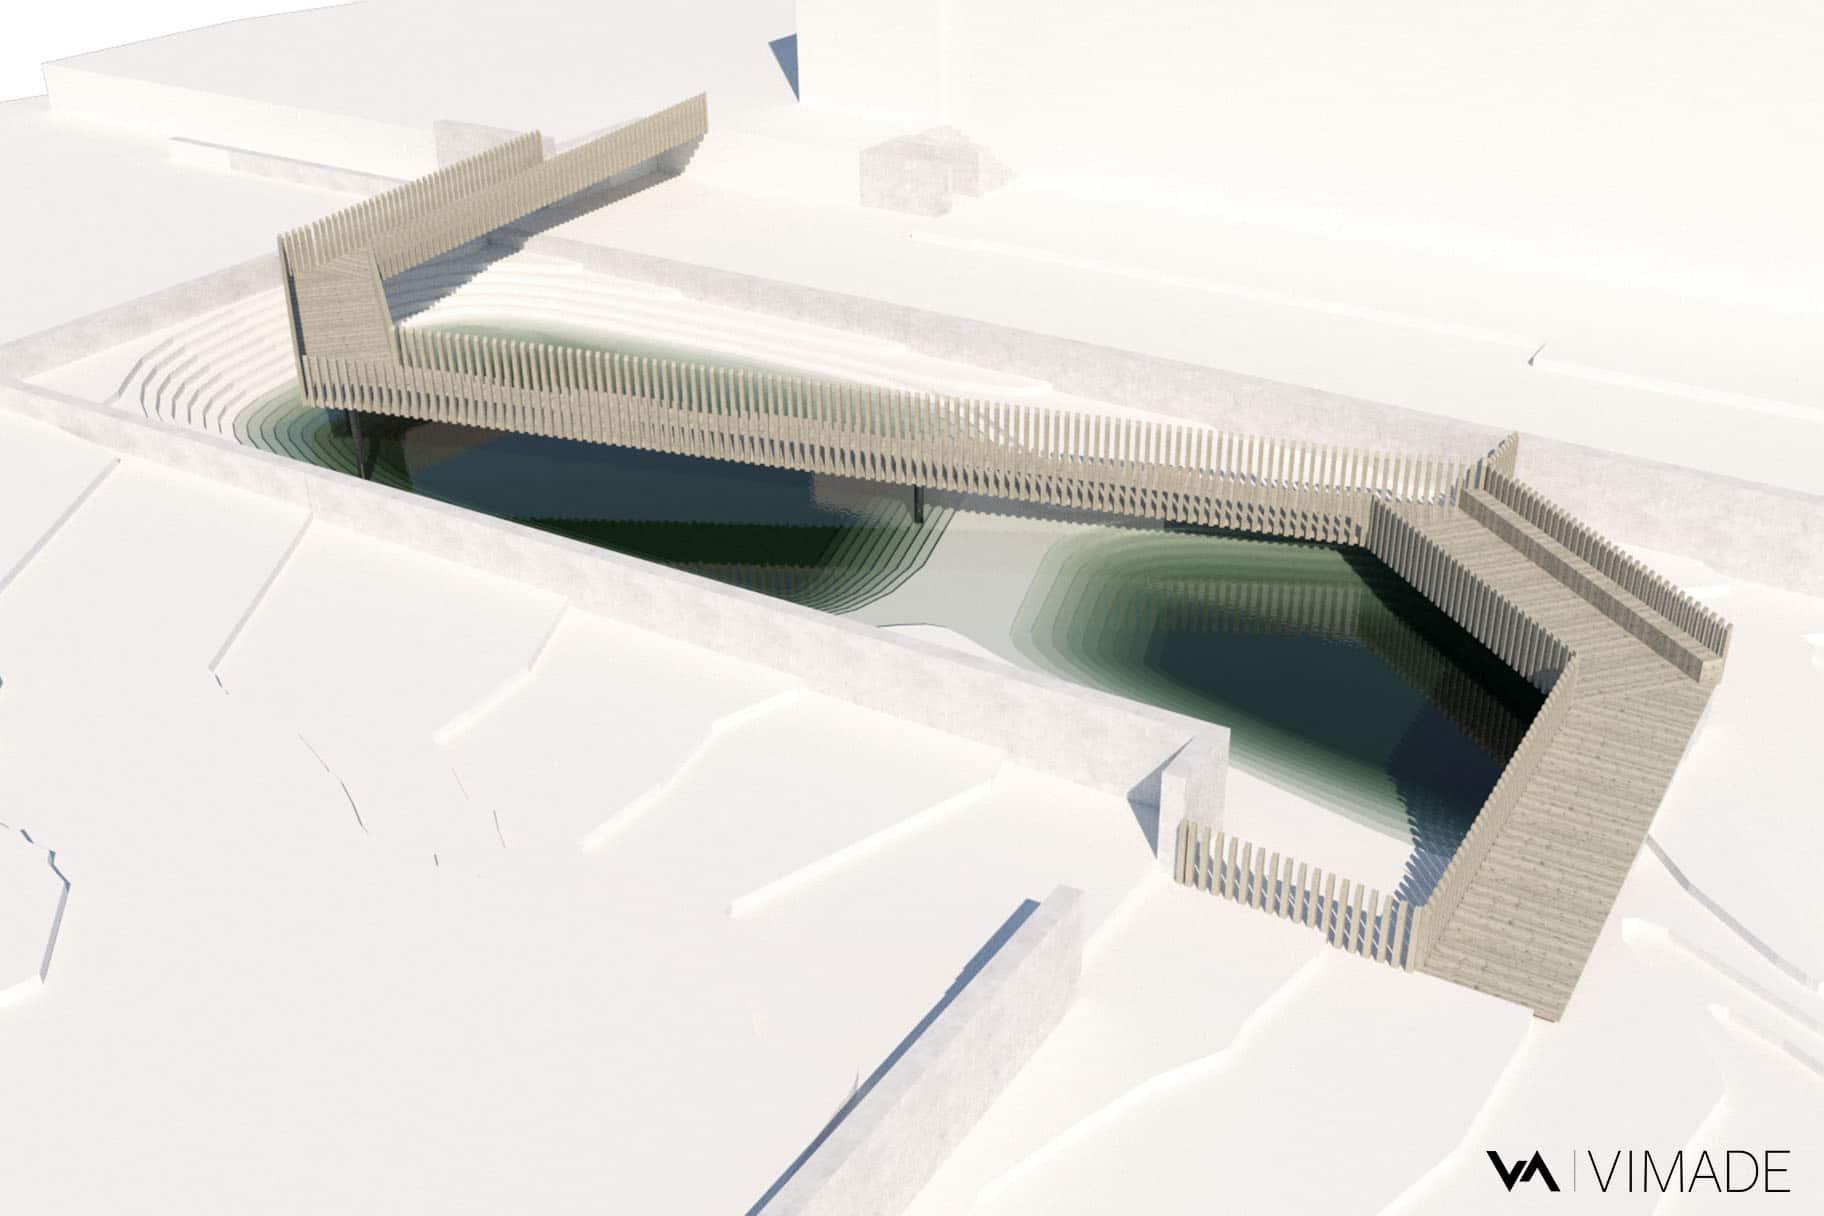 Maquette 3D de la passerelle du parc William Rappard représentant la rétention de l'eau dans le biotope en cas de forte pluies.